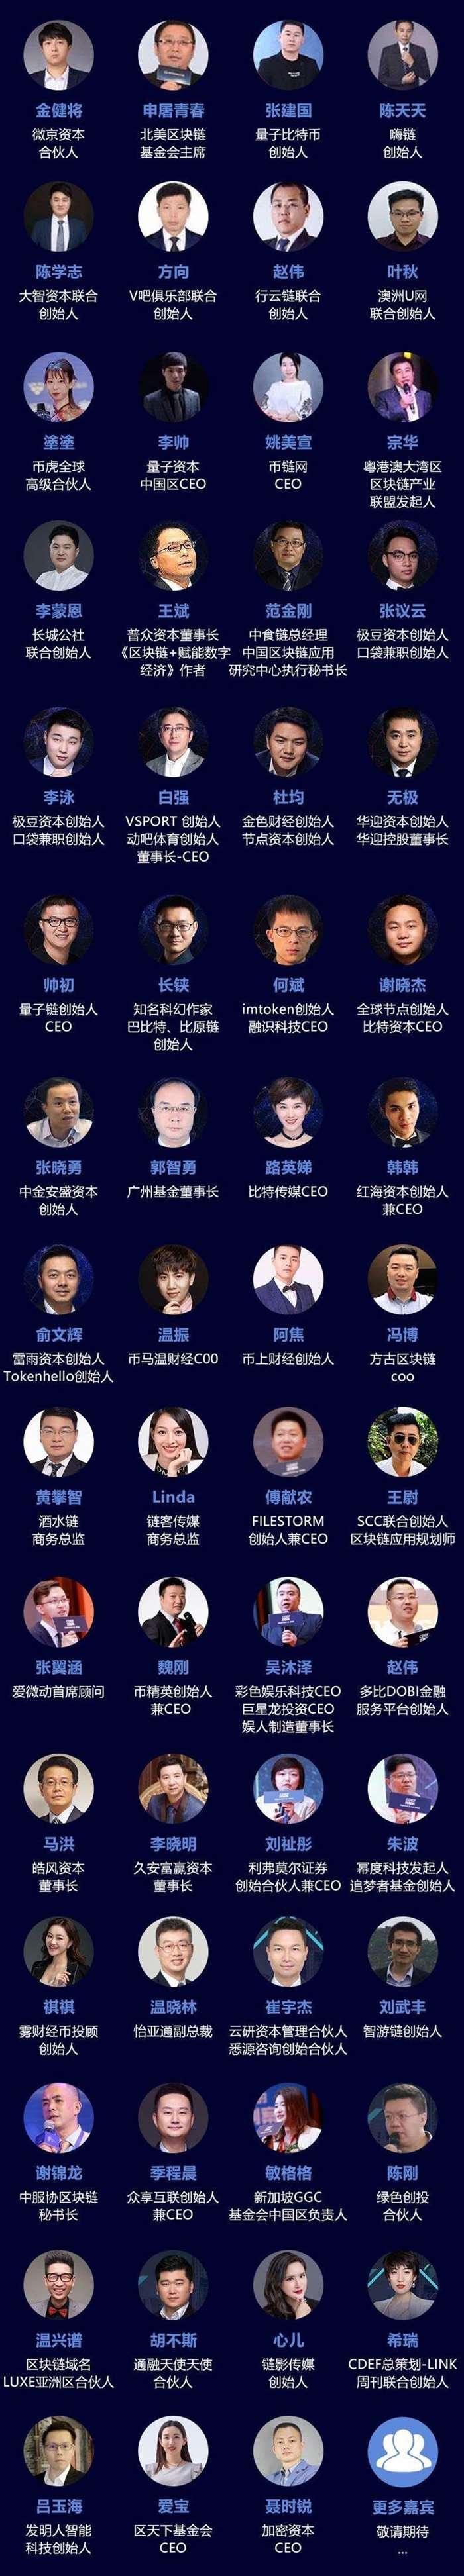 华南区块链社群联盟_08.jpg